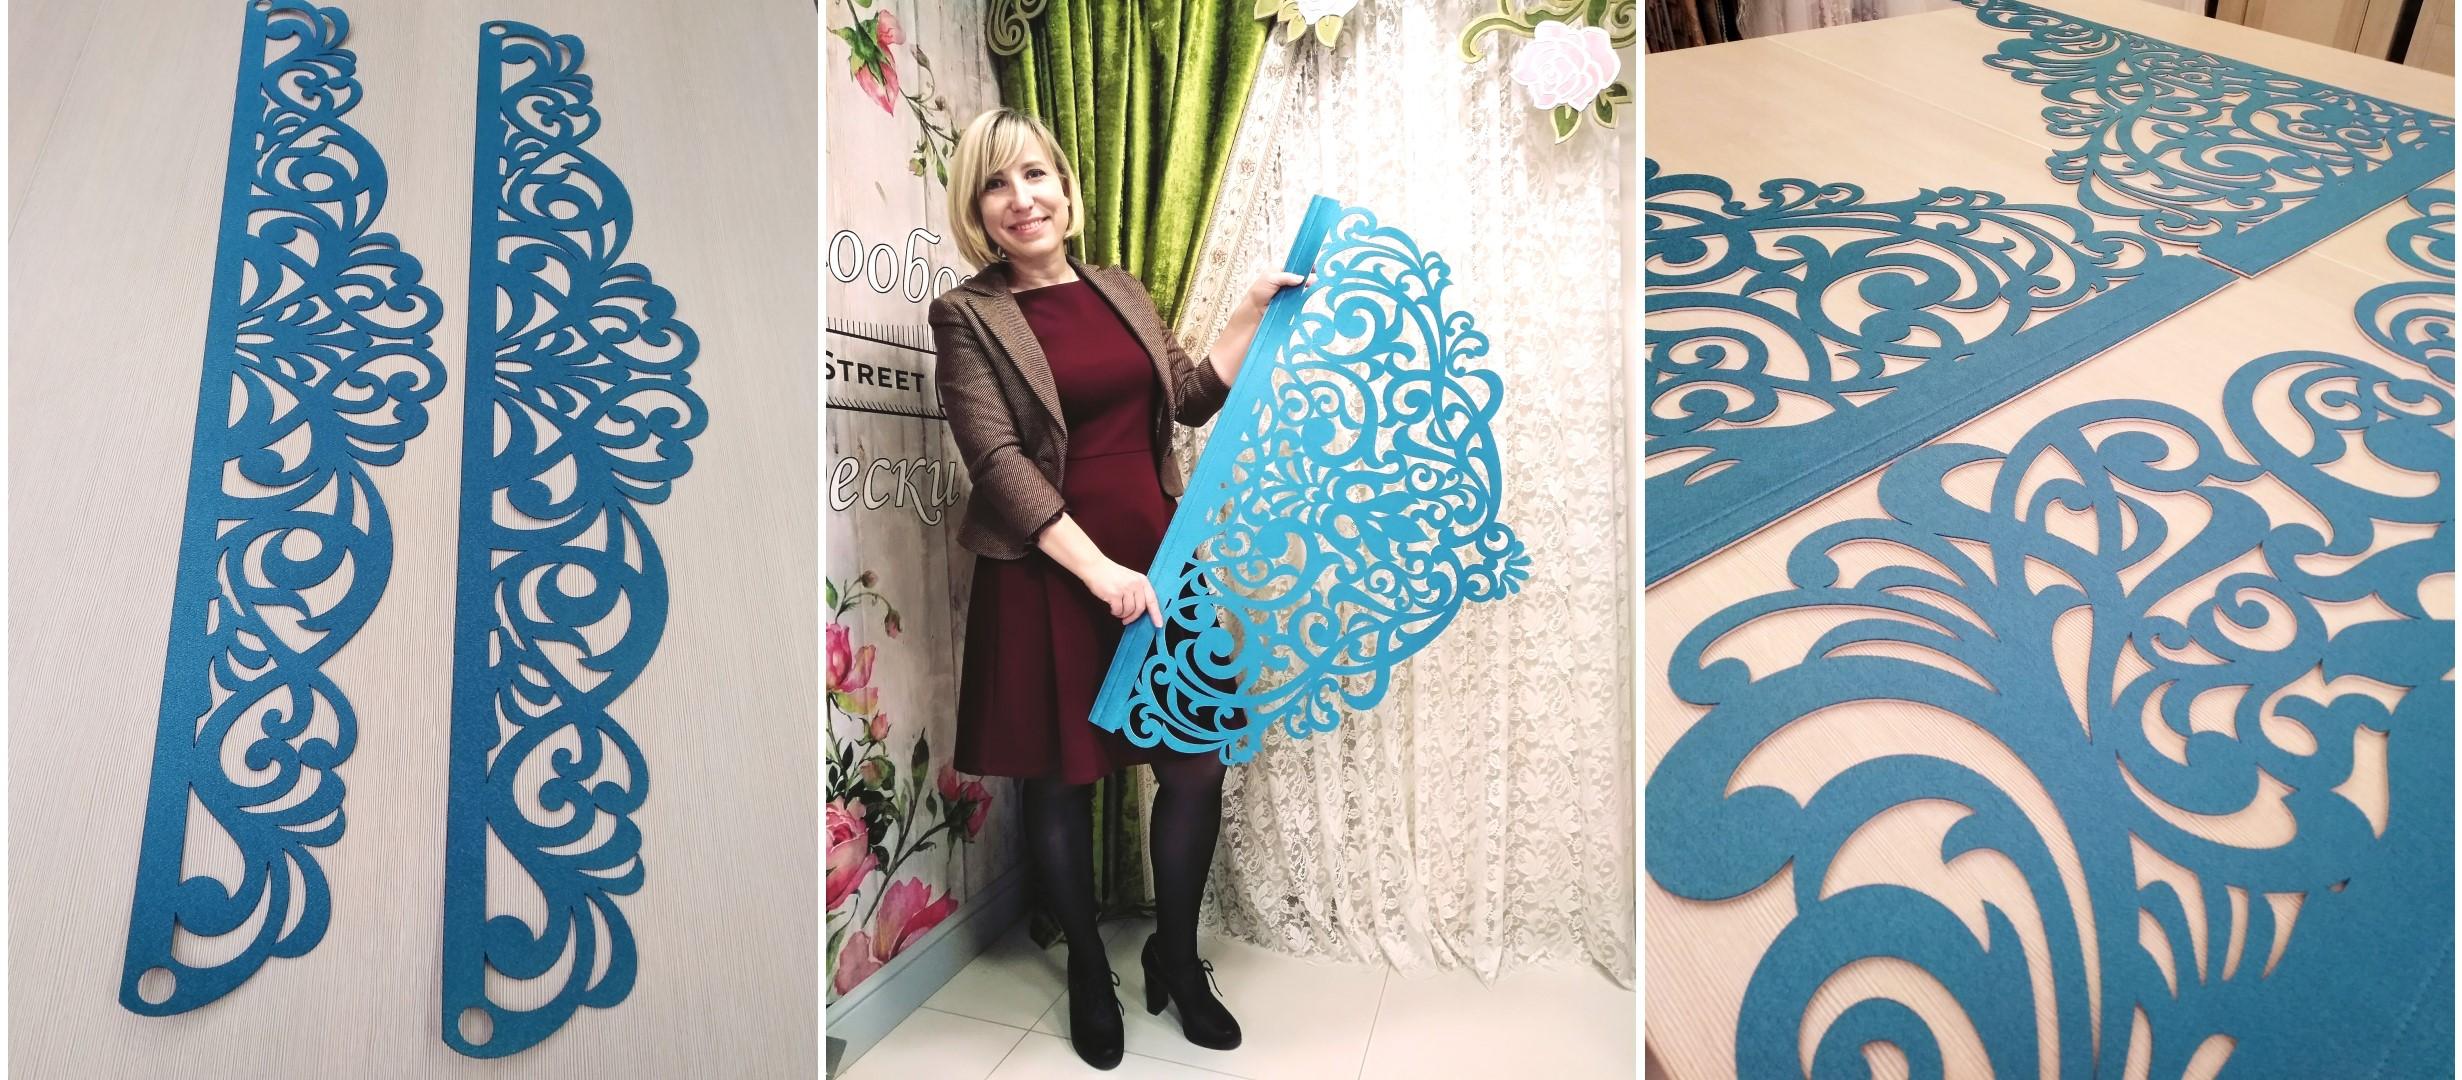 А это бирюзовые ажурные подхваты для штор в спальне, элементы ажурного ламбрекена Севилья и я - Ваш дизайнер по текстилю в интерьере Светлана Никитина.